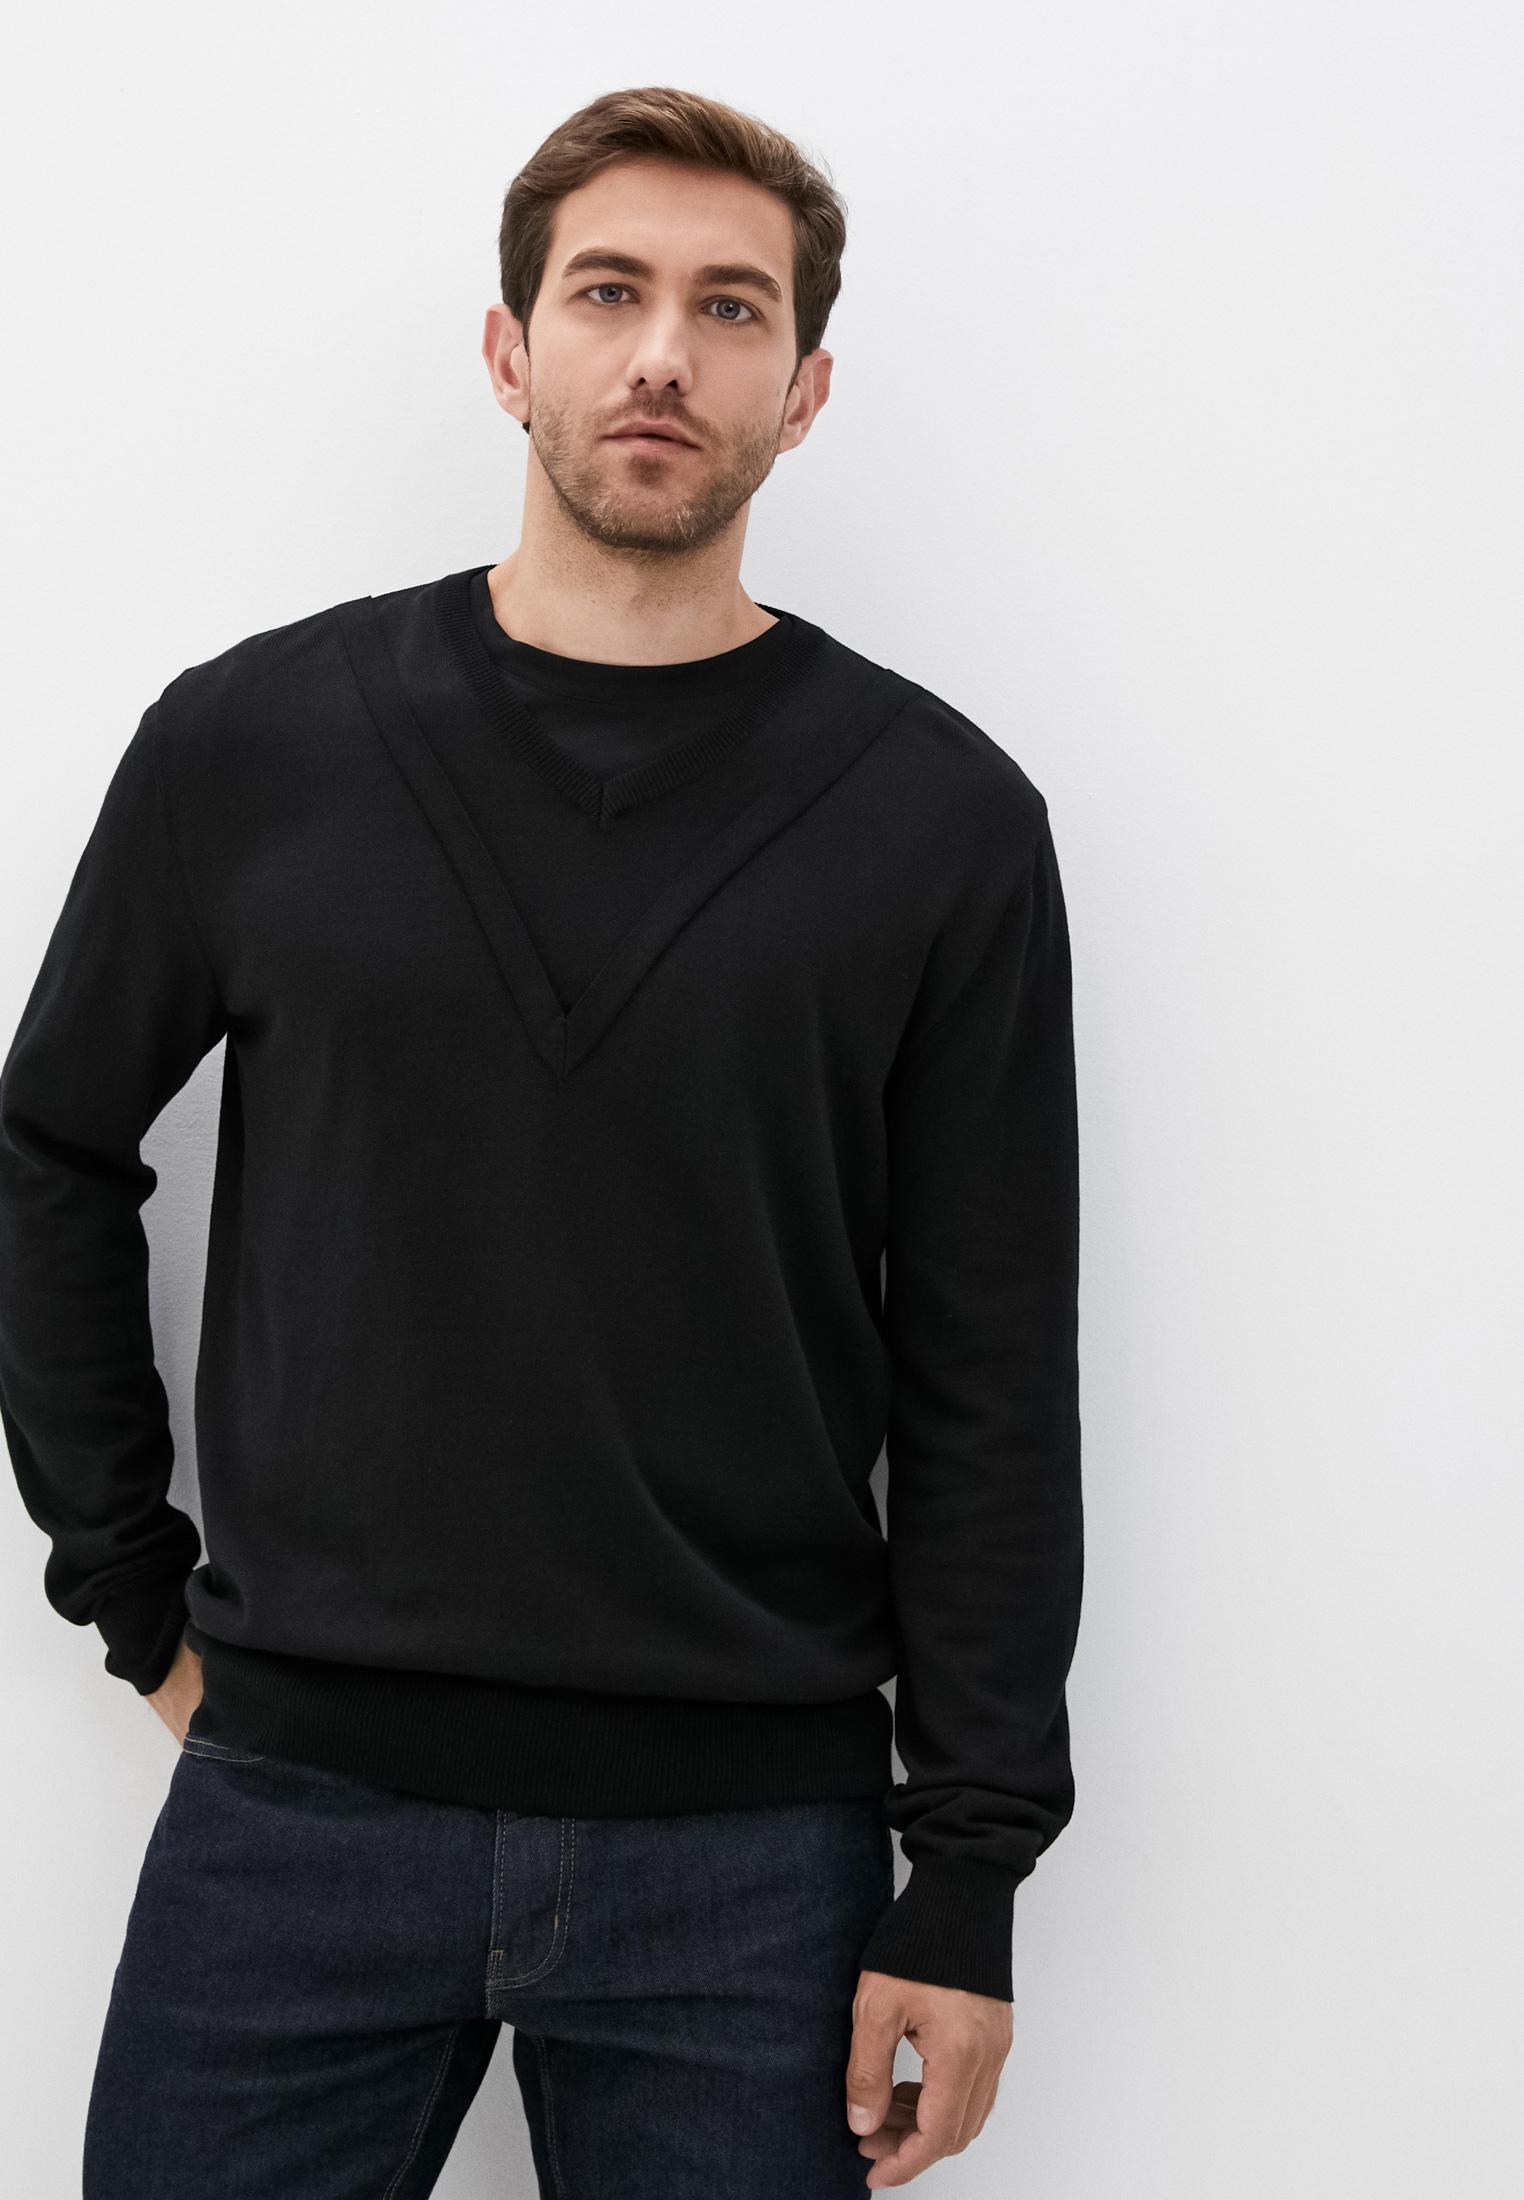 Пуловер Les Hommes Urban LHG711LG707